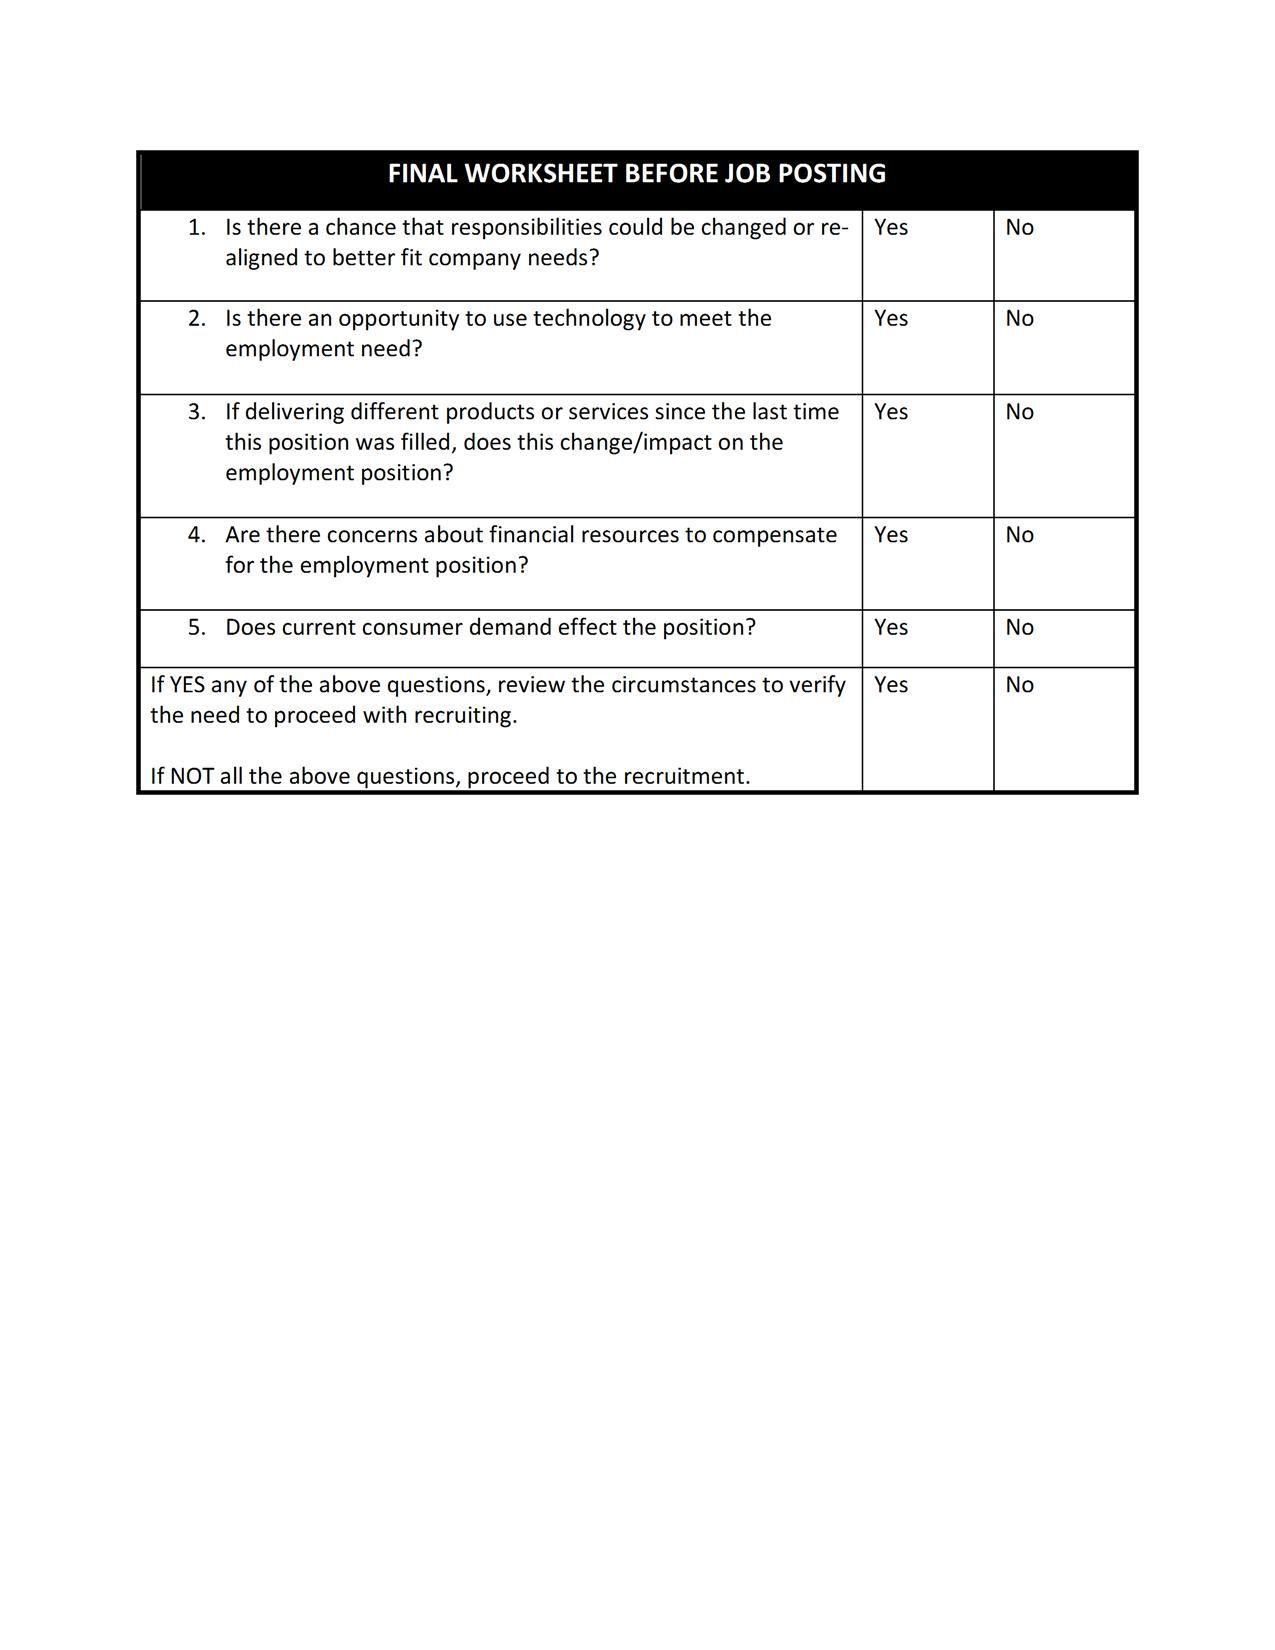 Form 8 Final Worksheet Before Job Posting